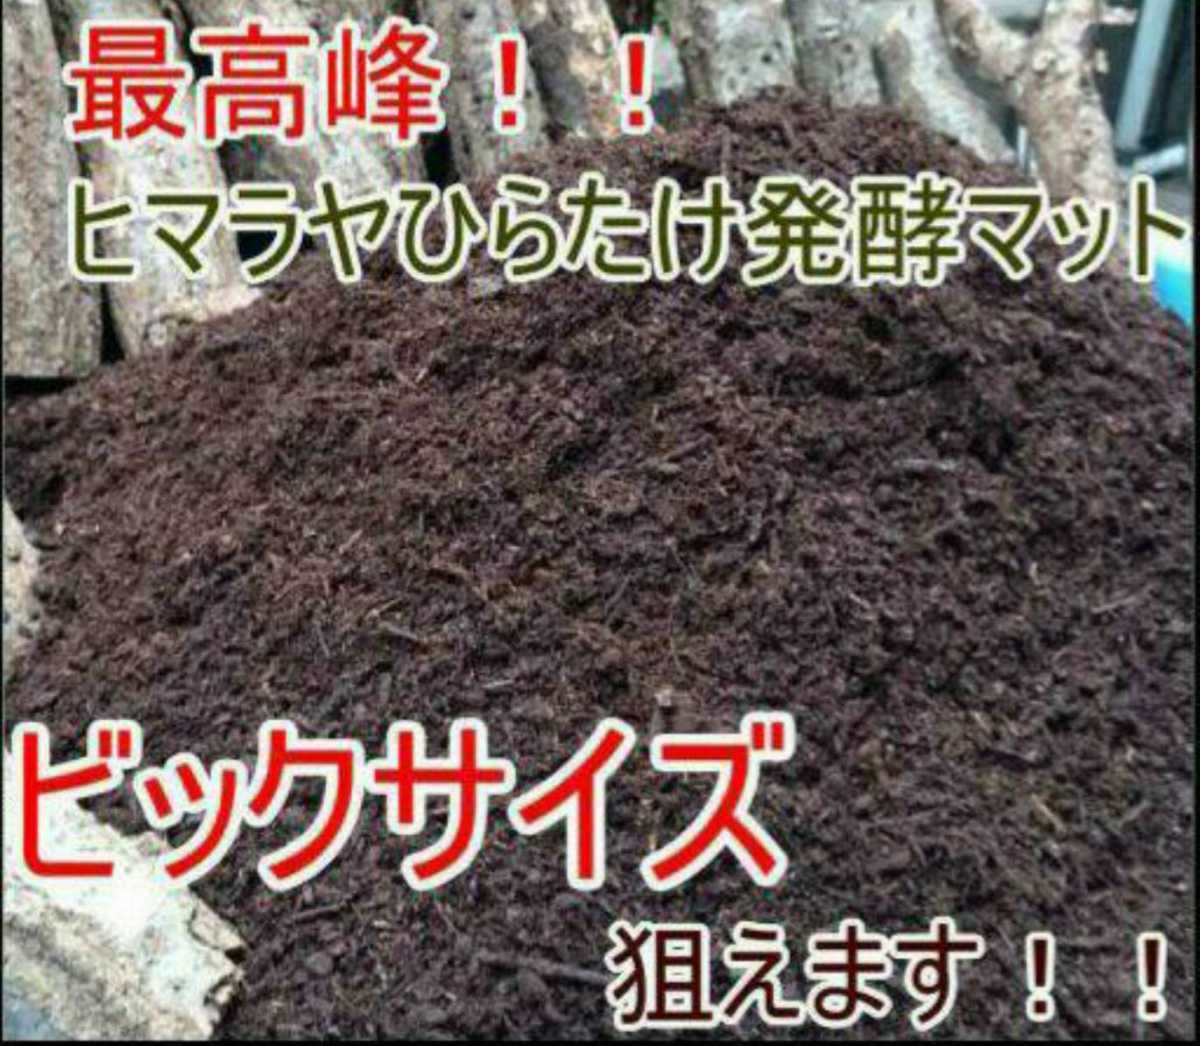 ヘラクレスもビッグサイズになります!ヒマラヤひらたけ菌床発酵カブトムシマット!栄養価抜群!クヌギ100%原料 幼虫の餌、産卵マットに!_画像2